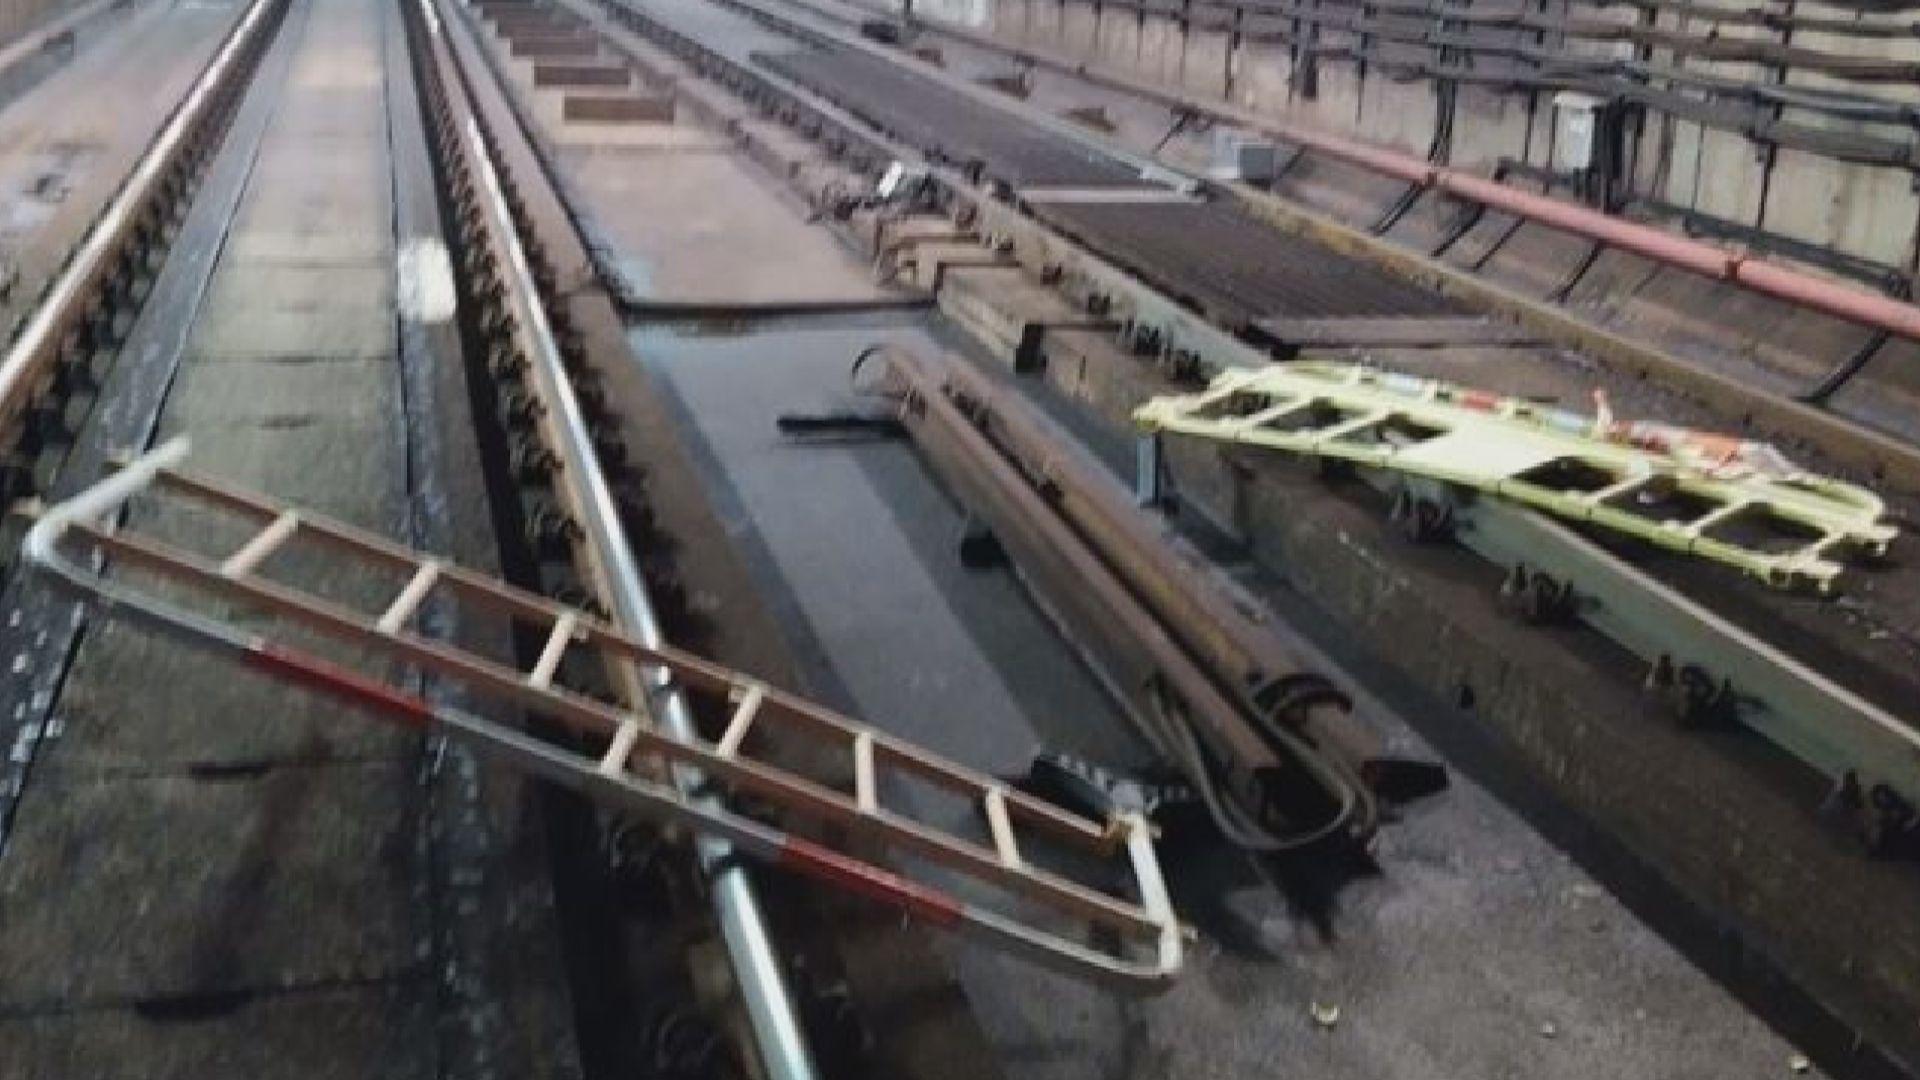 警指葵興站路軌被投擲圍欄 葵涌有人縱火燒垃圾桶